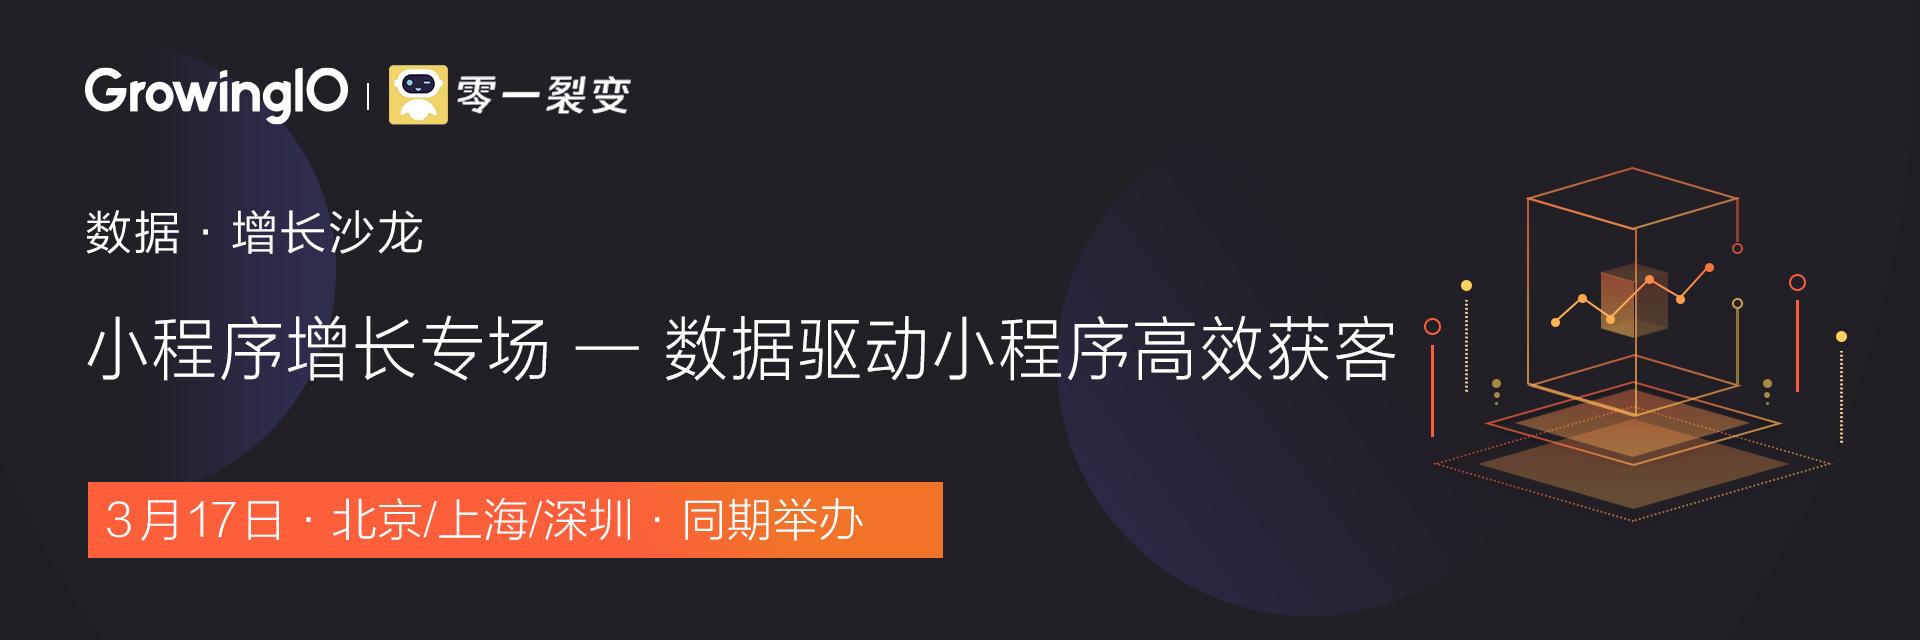 【测试活动】数据 · 增长沙龙 小程序增长专场 -- 2019 流量增长的困与局(北京/上海/深圳)-copy